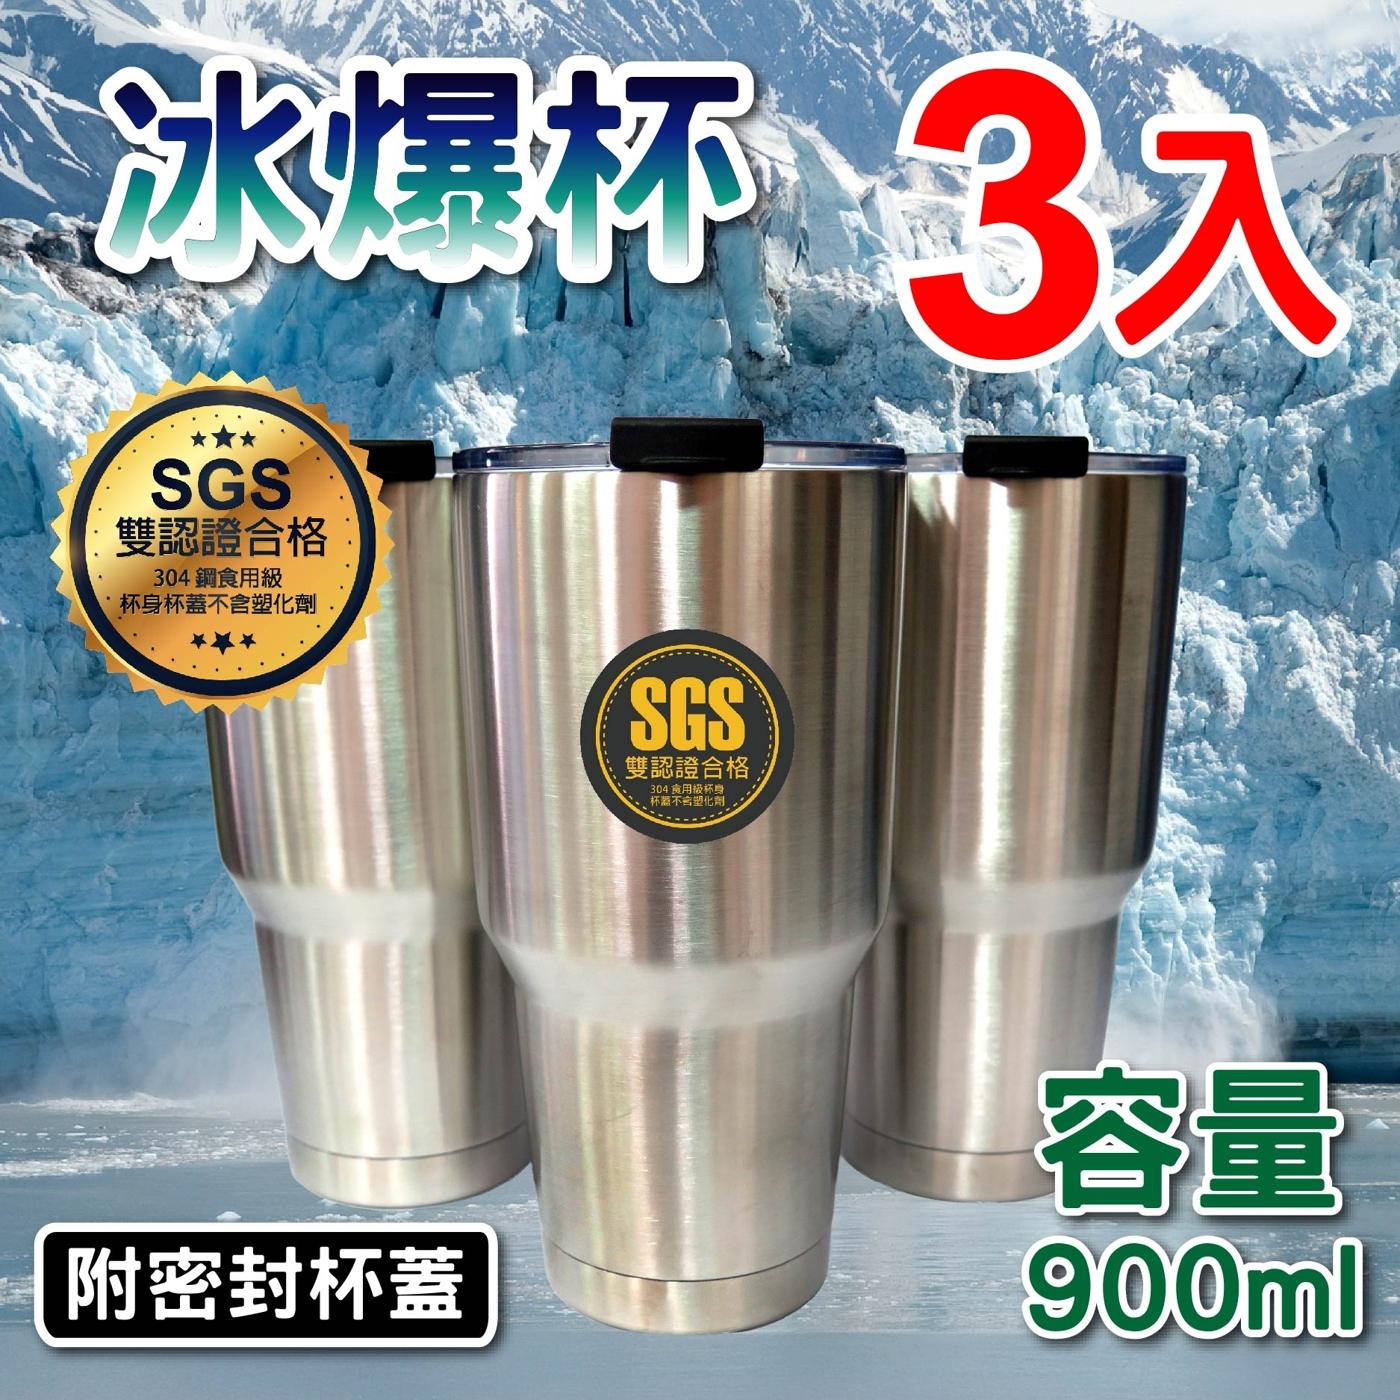 樂悠悠生活館冰霸杯304不銹鋼冰爆杯900ml 3入大容量保冰杯保溫杯隨身杯冰壩杯